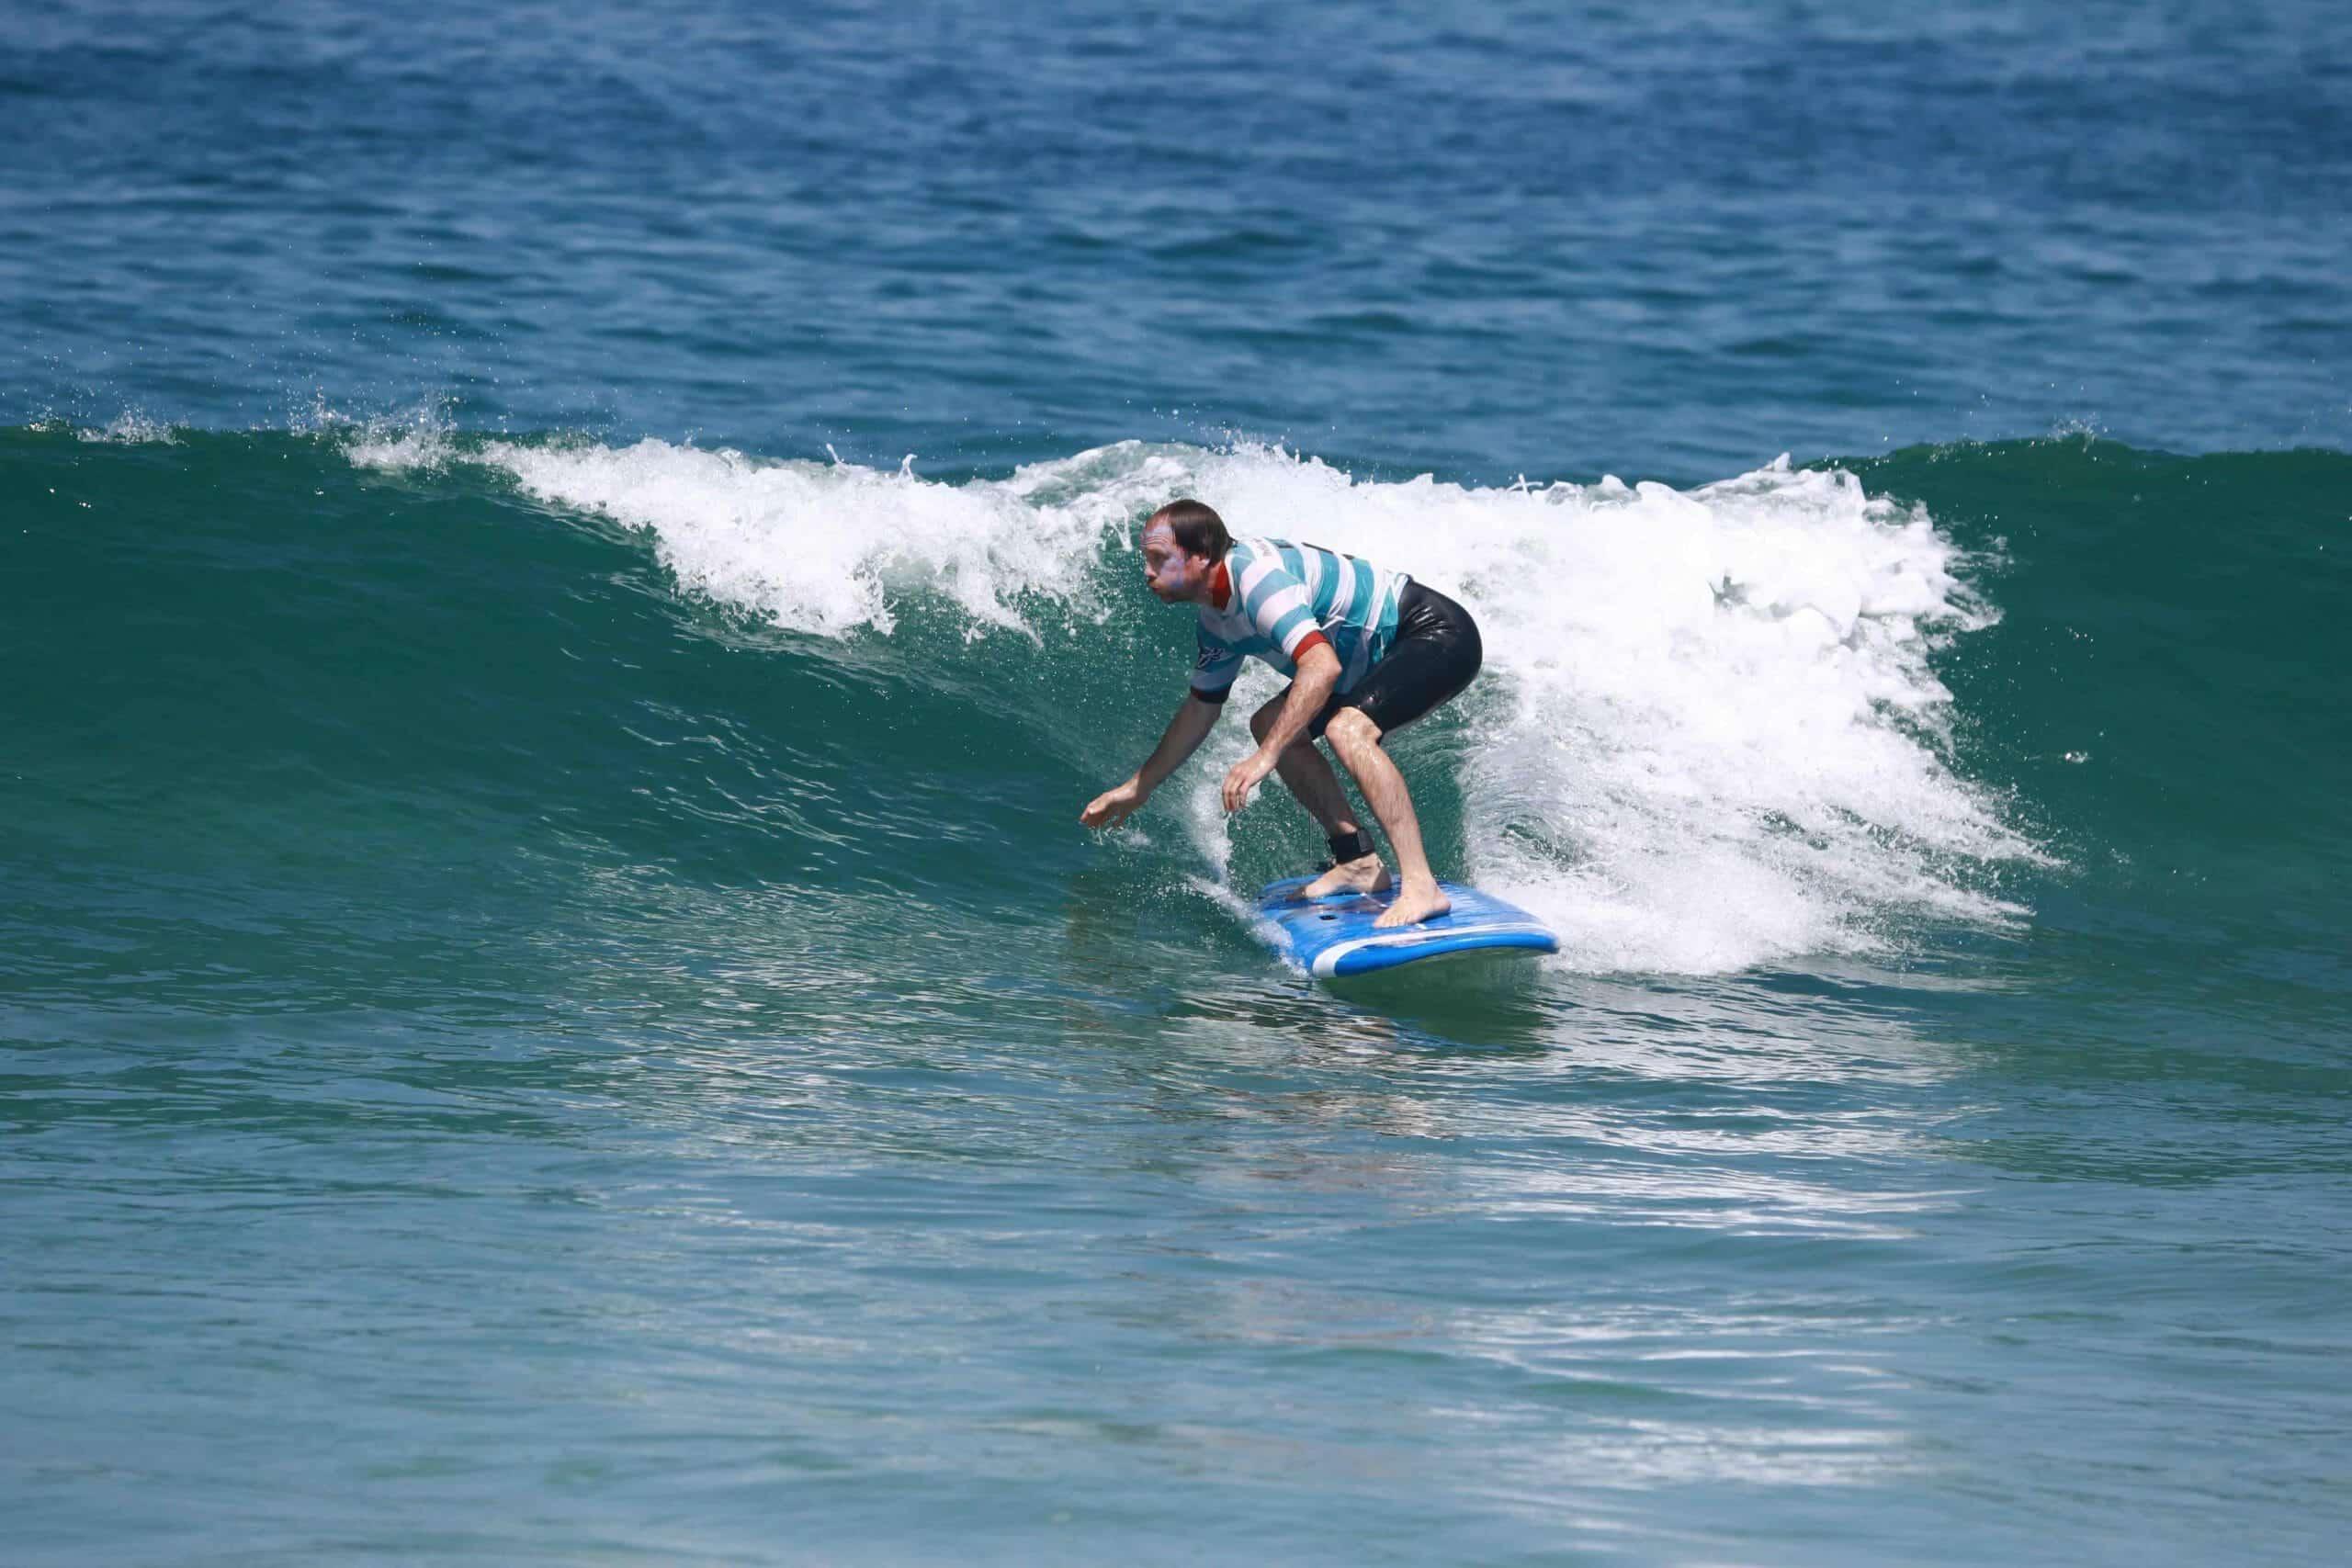 Un homme découvre les premières sensations de glisse sur une vague